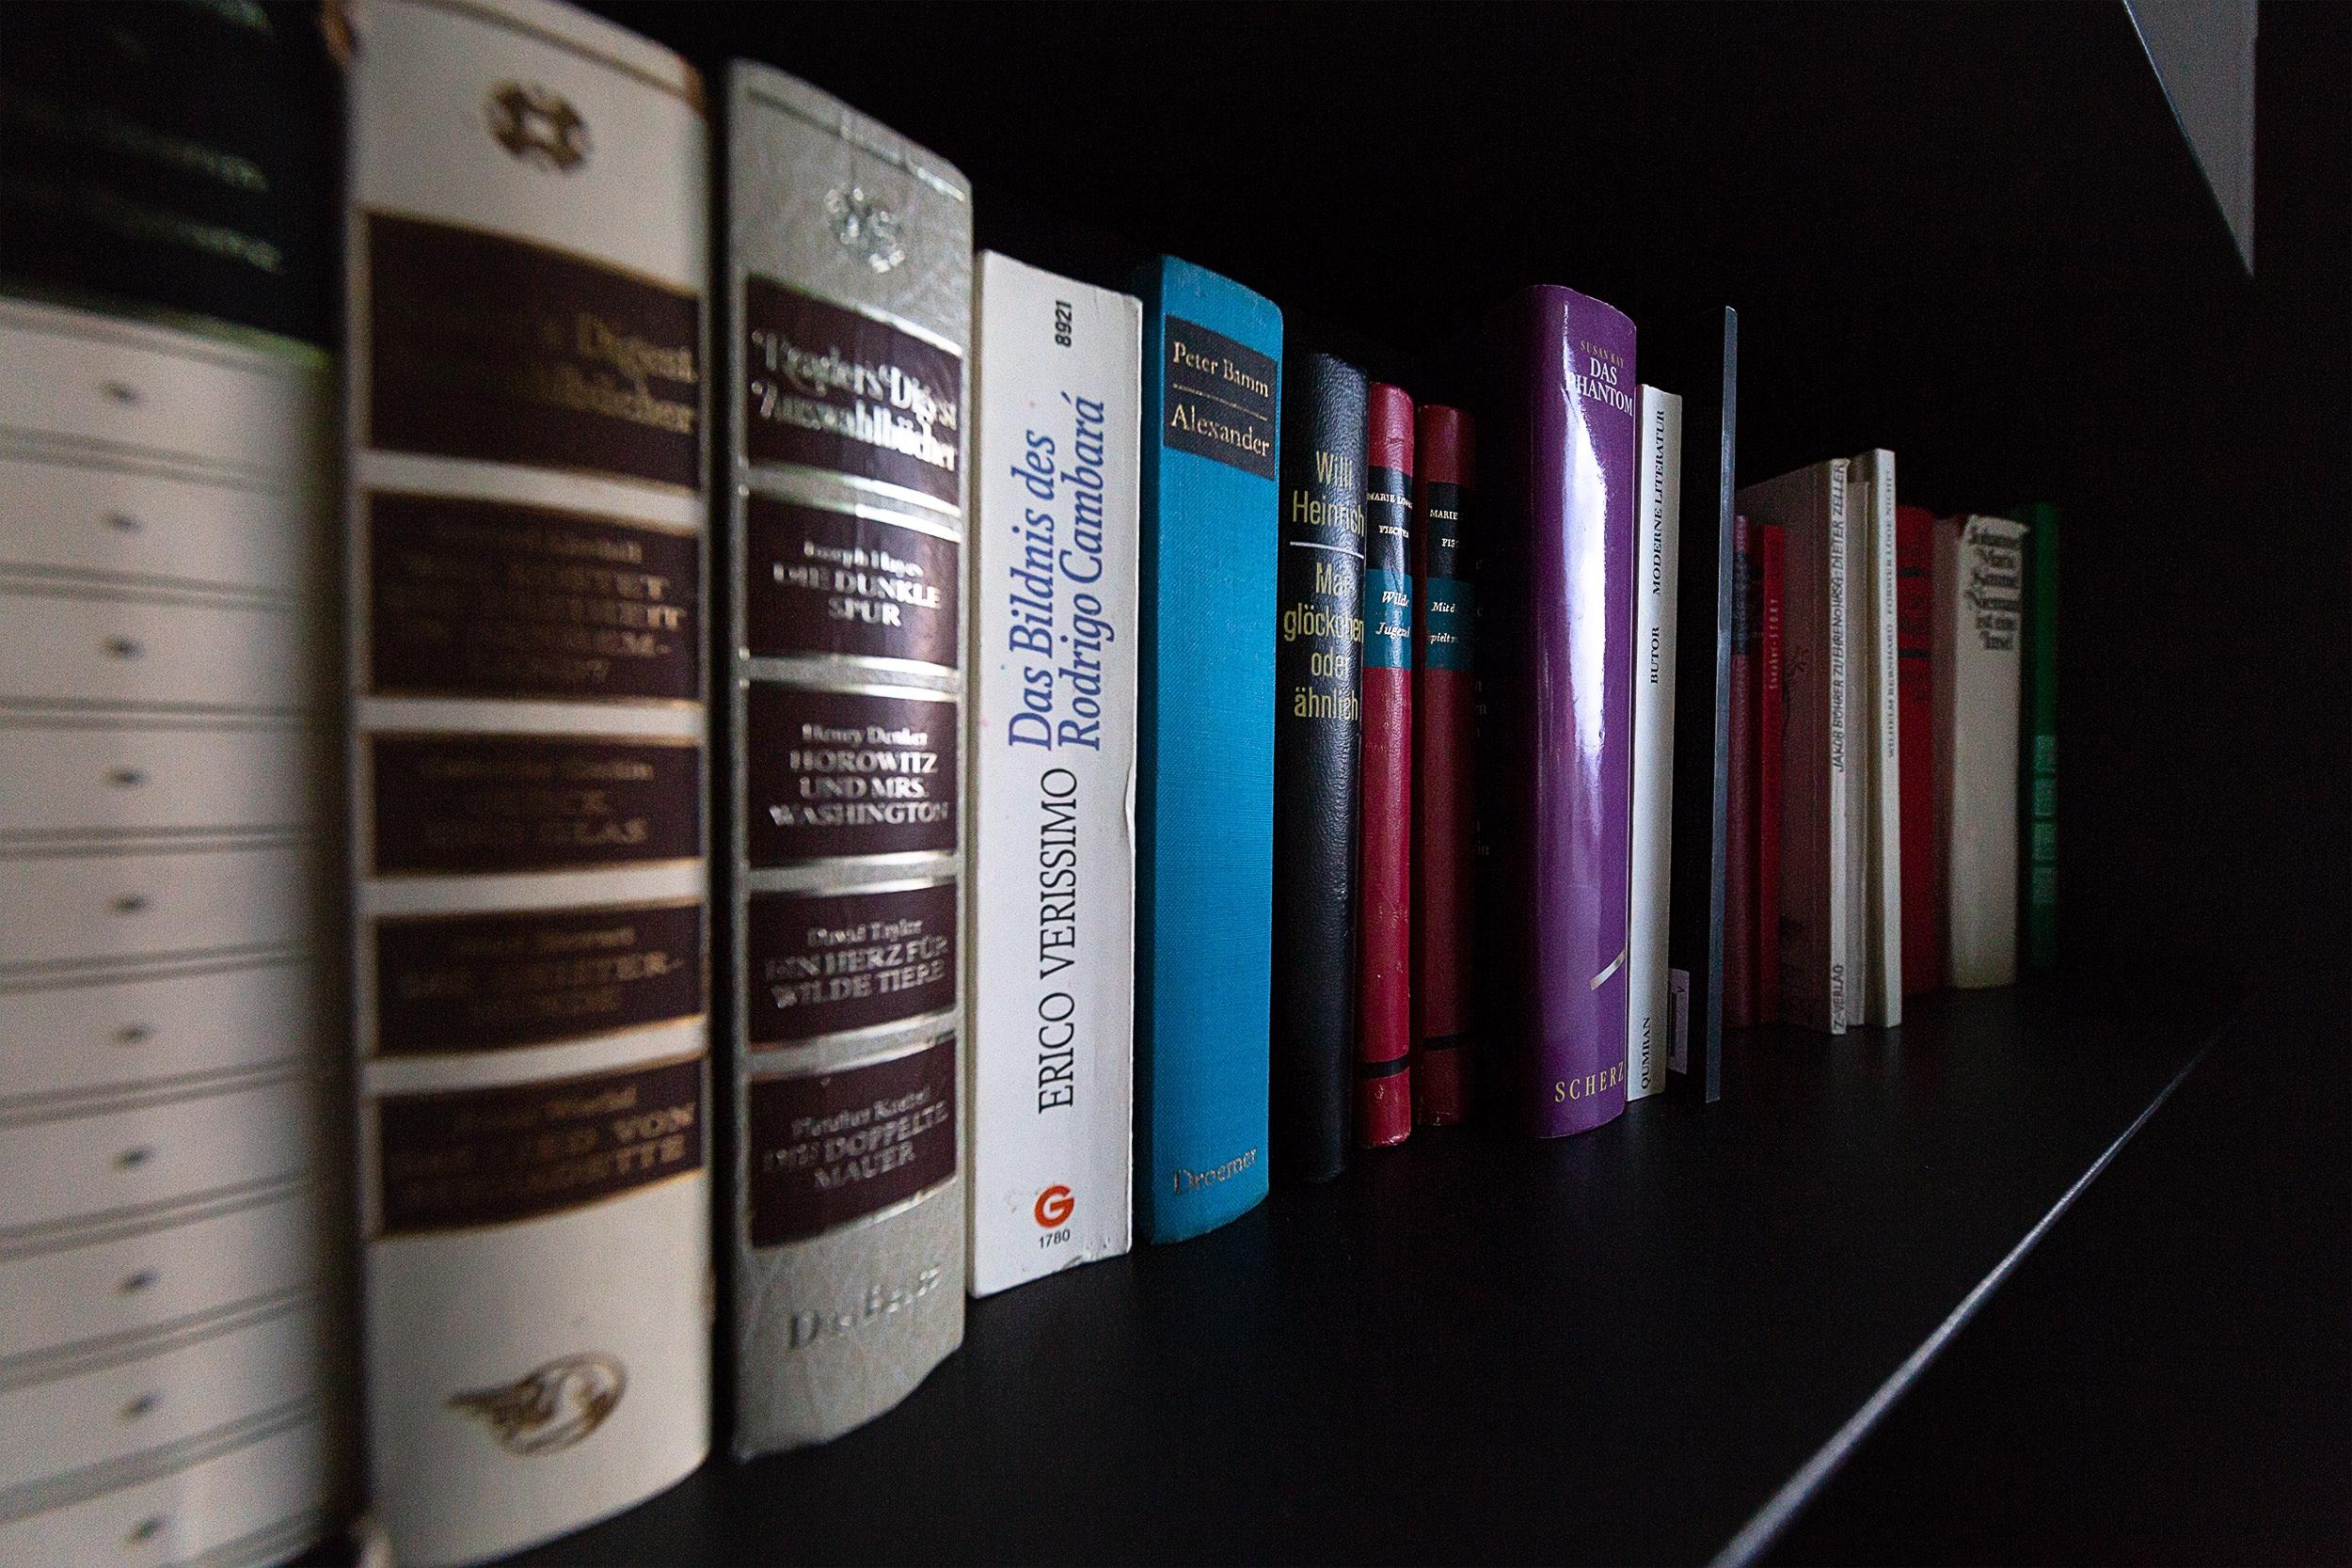 Bücher in einem Regal.